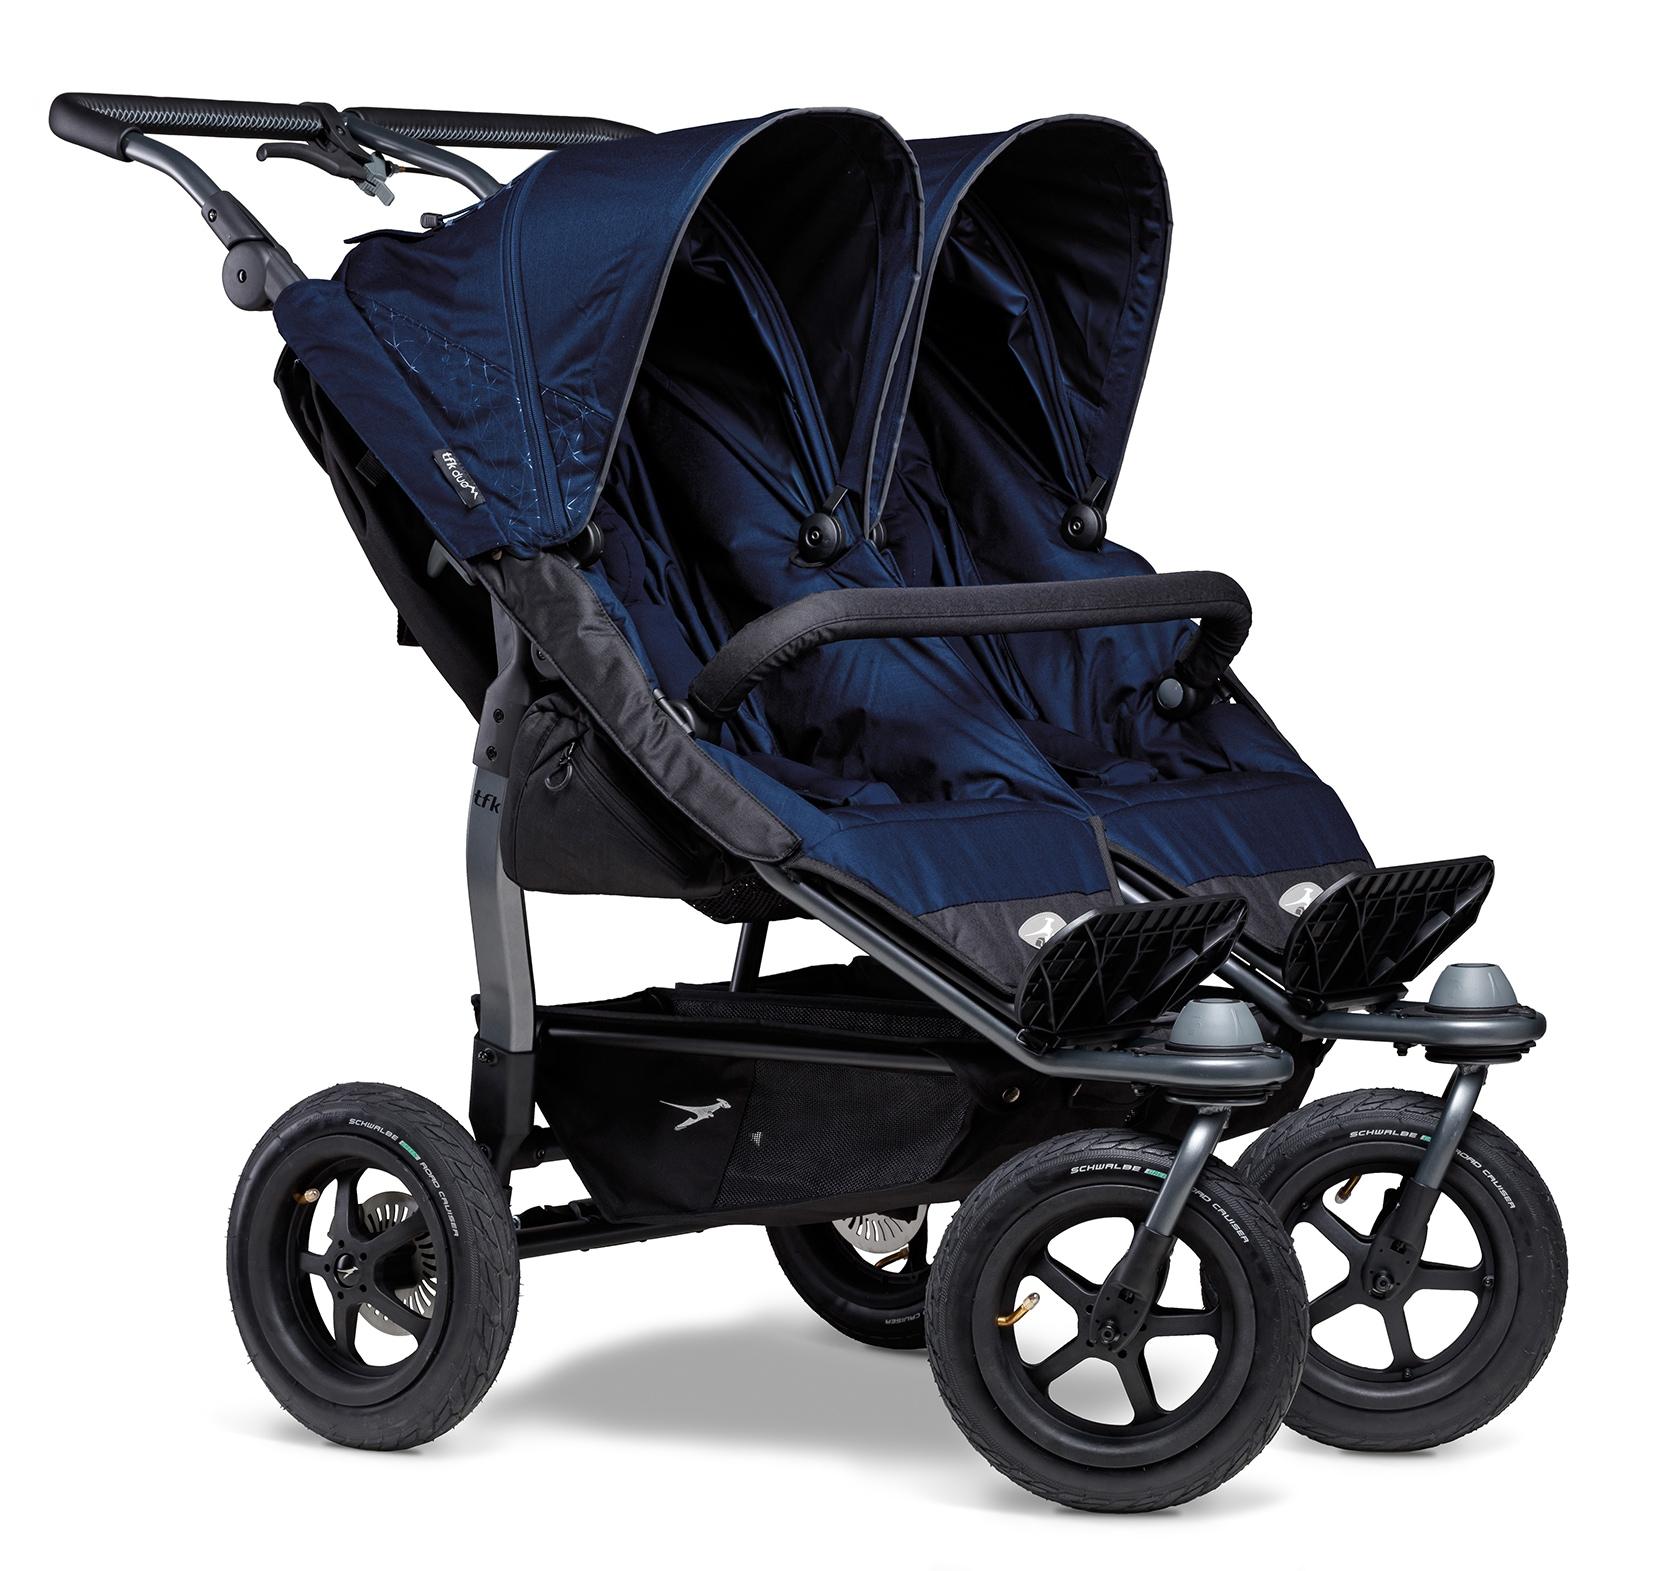 tfk Zwillingsbuggy Sportkinderwagen duo blau Kinder Kinderwagen Buggies